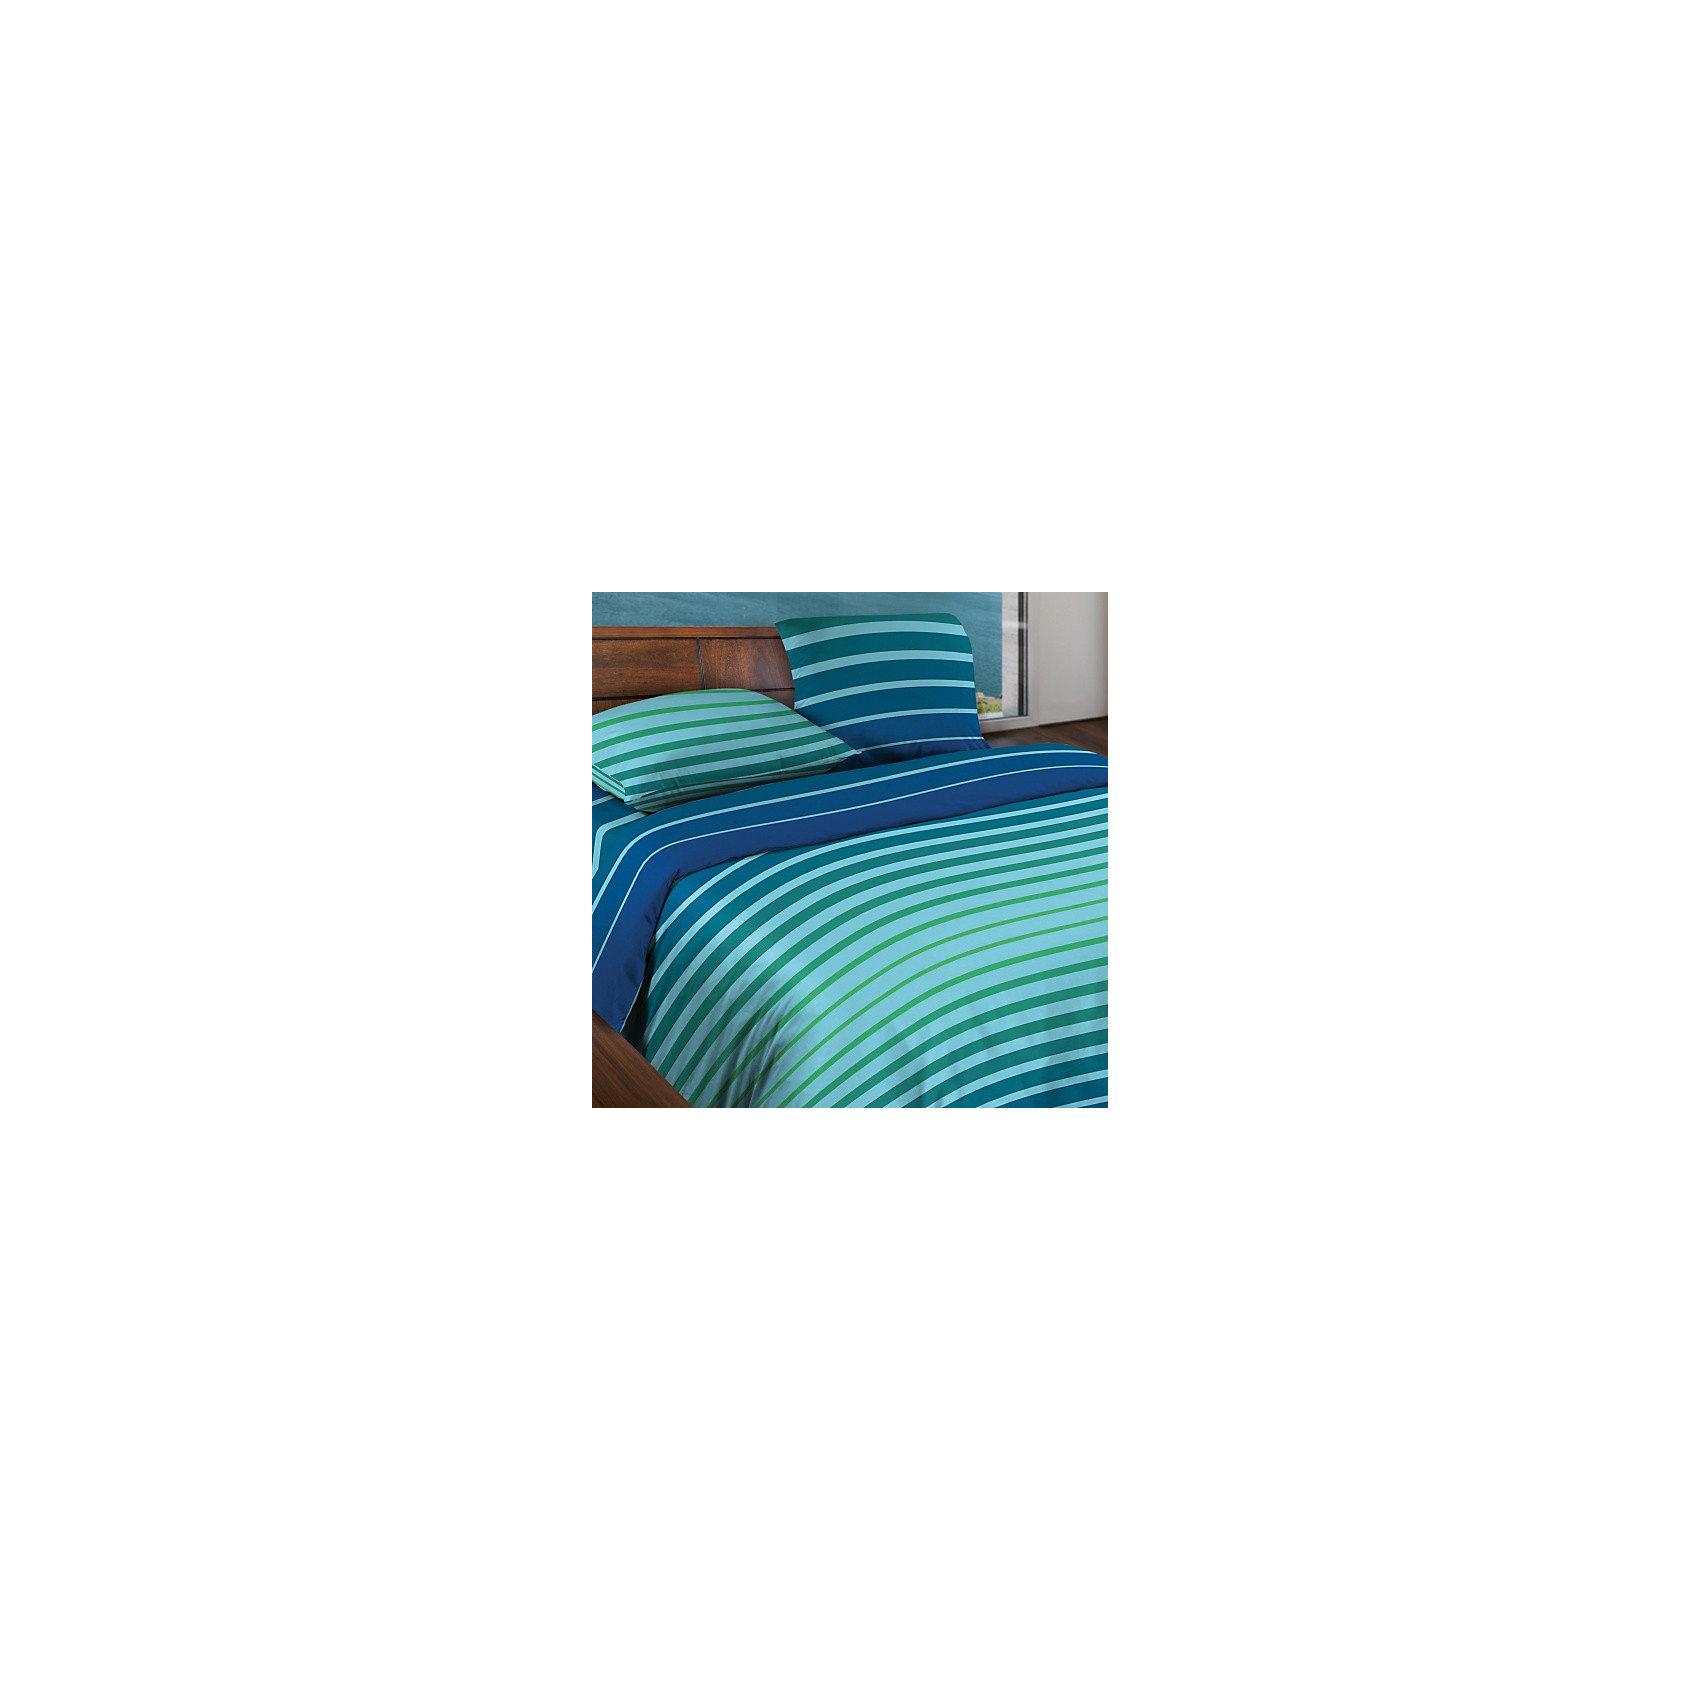 Постельное белье Евро Stripe Blue БИО Комфорт, Wenge MotionХарактеристики комплекта постельного белья евро размера  Stripe Blue  БИО Комфорт, Wenge Motion:<br><br>- производитель: Неотек<br>- материал: бязь<br>- состав: 100% хлопок<br>- размер комплекта: евро размер<br>- размер пододеяльника: 215*220 см.<br>- размер простыни: 220*240 см.<br>- размер наволочек: 70*70 (2 шт)<br>- упаковка комплекта: книжка пвх<br>- страна бренда: Россия<br>- страна производитель: Россия<br><br>Постельное белье евро размера  Stripe Blue  серии Wenge Motion это богатые разнообразные однотонного дизайна постельного белья. Вы можете подобрать под интерьер своей спальни сочетание из двух цветов или, купив несколько комплектов, комбинировать их между собой, создавая каждый раз новую композицию под свое настроение. В комплекте предусмотрен двусторонний пододеяльник  со своим цветом с каждой стороны, что также позволяет расширять горизонты эксперимента в поисках положительных эмоций.<br>Постельное белье выполнено из приятной на ощупь ткани БИОкомфорт с повышенными показателями износостойкости. Постельное белье выполнено из улучшенной ткани БИО комфорт –это бязь полотняного переплетения, выполненной из натурального 100% хлопка. Ткань бязь - приятная и мягкая на ощупь, имеет ровную и гладкую поверхность, на которой значительно лучше смотрится качество и яркость печати рисунка.<br><br>Комплекта постельного белья   Stripe Blue  серии Wenge Motion можно купить в нашем интернет-магазине.<br><br>Ширина мм: 370<br>Глубина мм: 70<br>Высота мм: 370<br>Вес г: 2500<br>Возраст от месяцев: 216<br>Возраст до месяцев: 1188<br>Пол: Унисекс<br>Возраст: Детский<br>SKU: 5100148